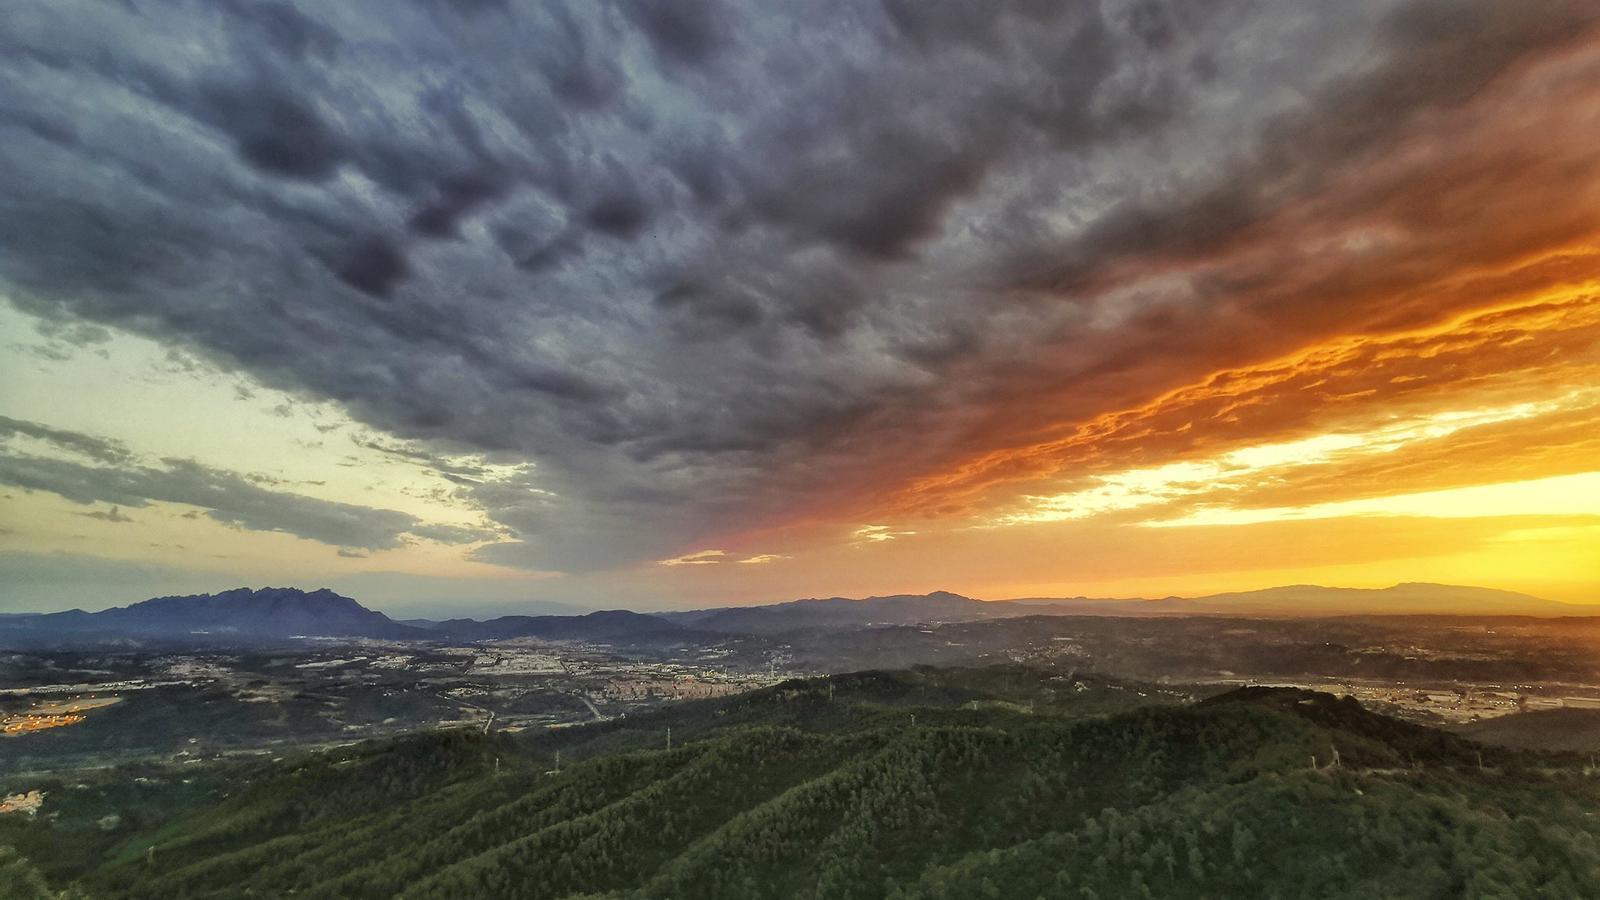 El Servei Meteorològic avisa de perill alt per calor a les comarques de Ponent i a la Val d'Aran